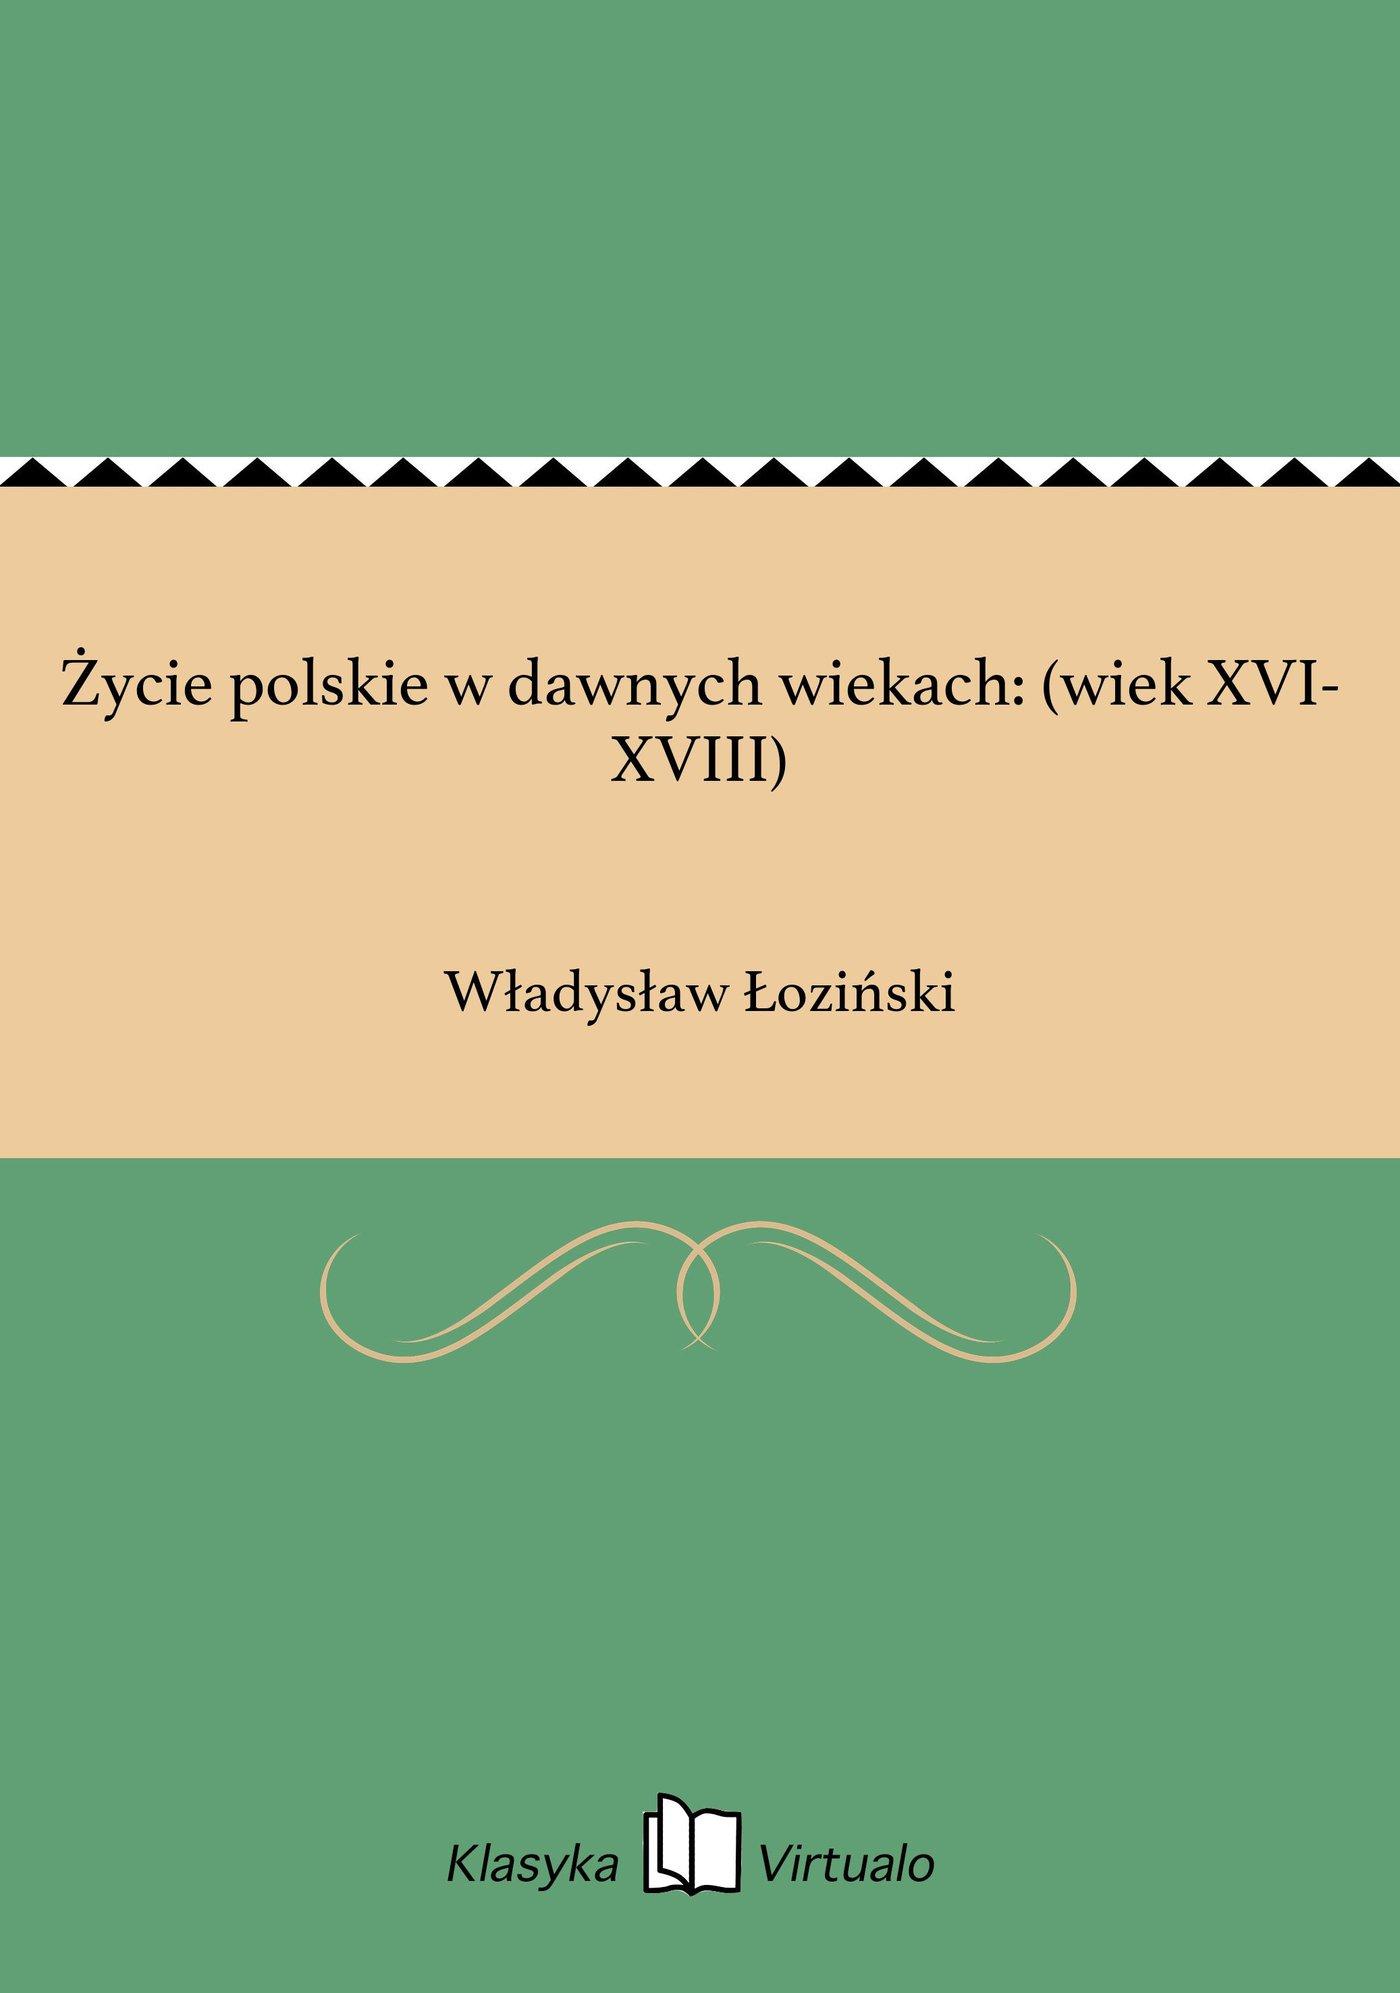 Życie polskie w dawnych wiekach: (wiek XVI-XVIII) - Ebook (Książka na Kindle) do pobrania w formacie MOBI